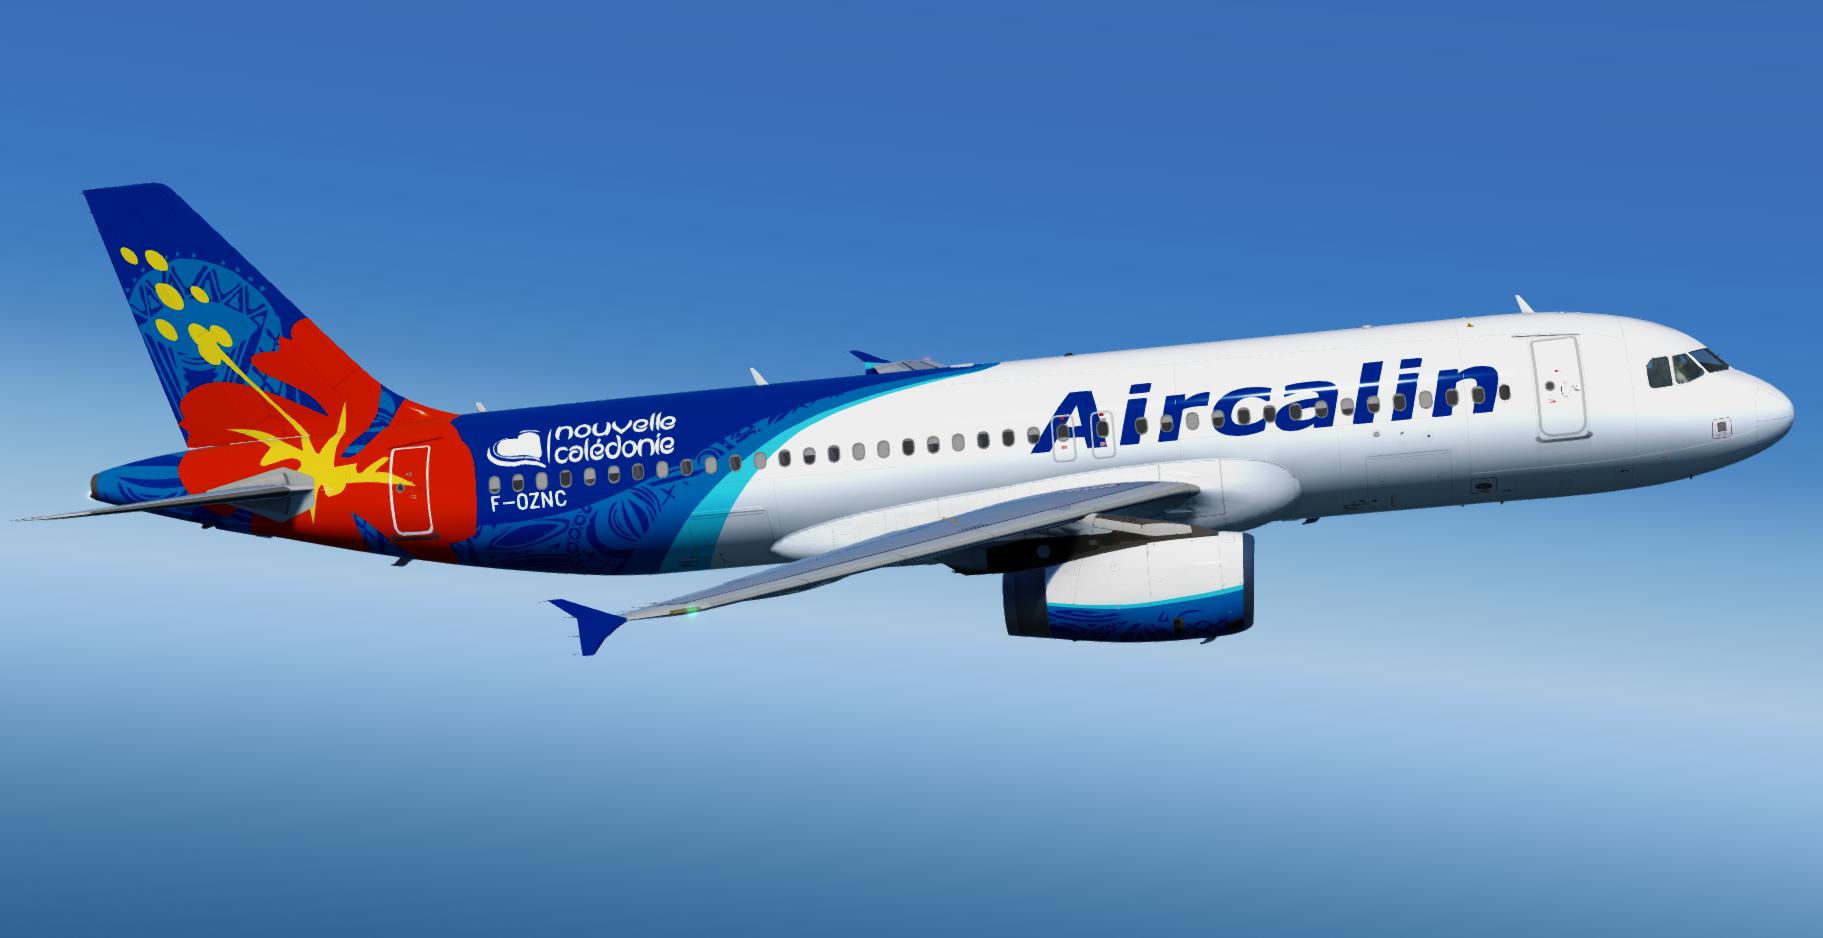 Aerosoft A320 (IAE) Professional   Air Calin F-OZNC (Airbus A320-232) Repaint P3D v5